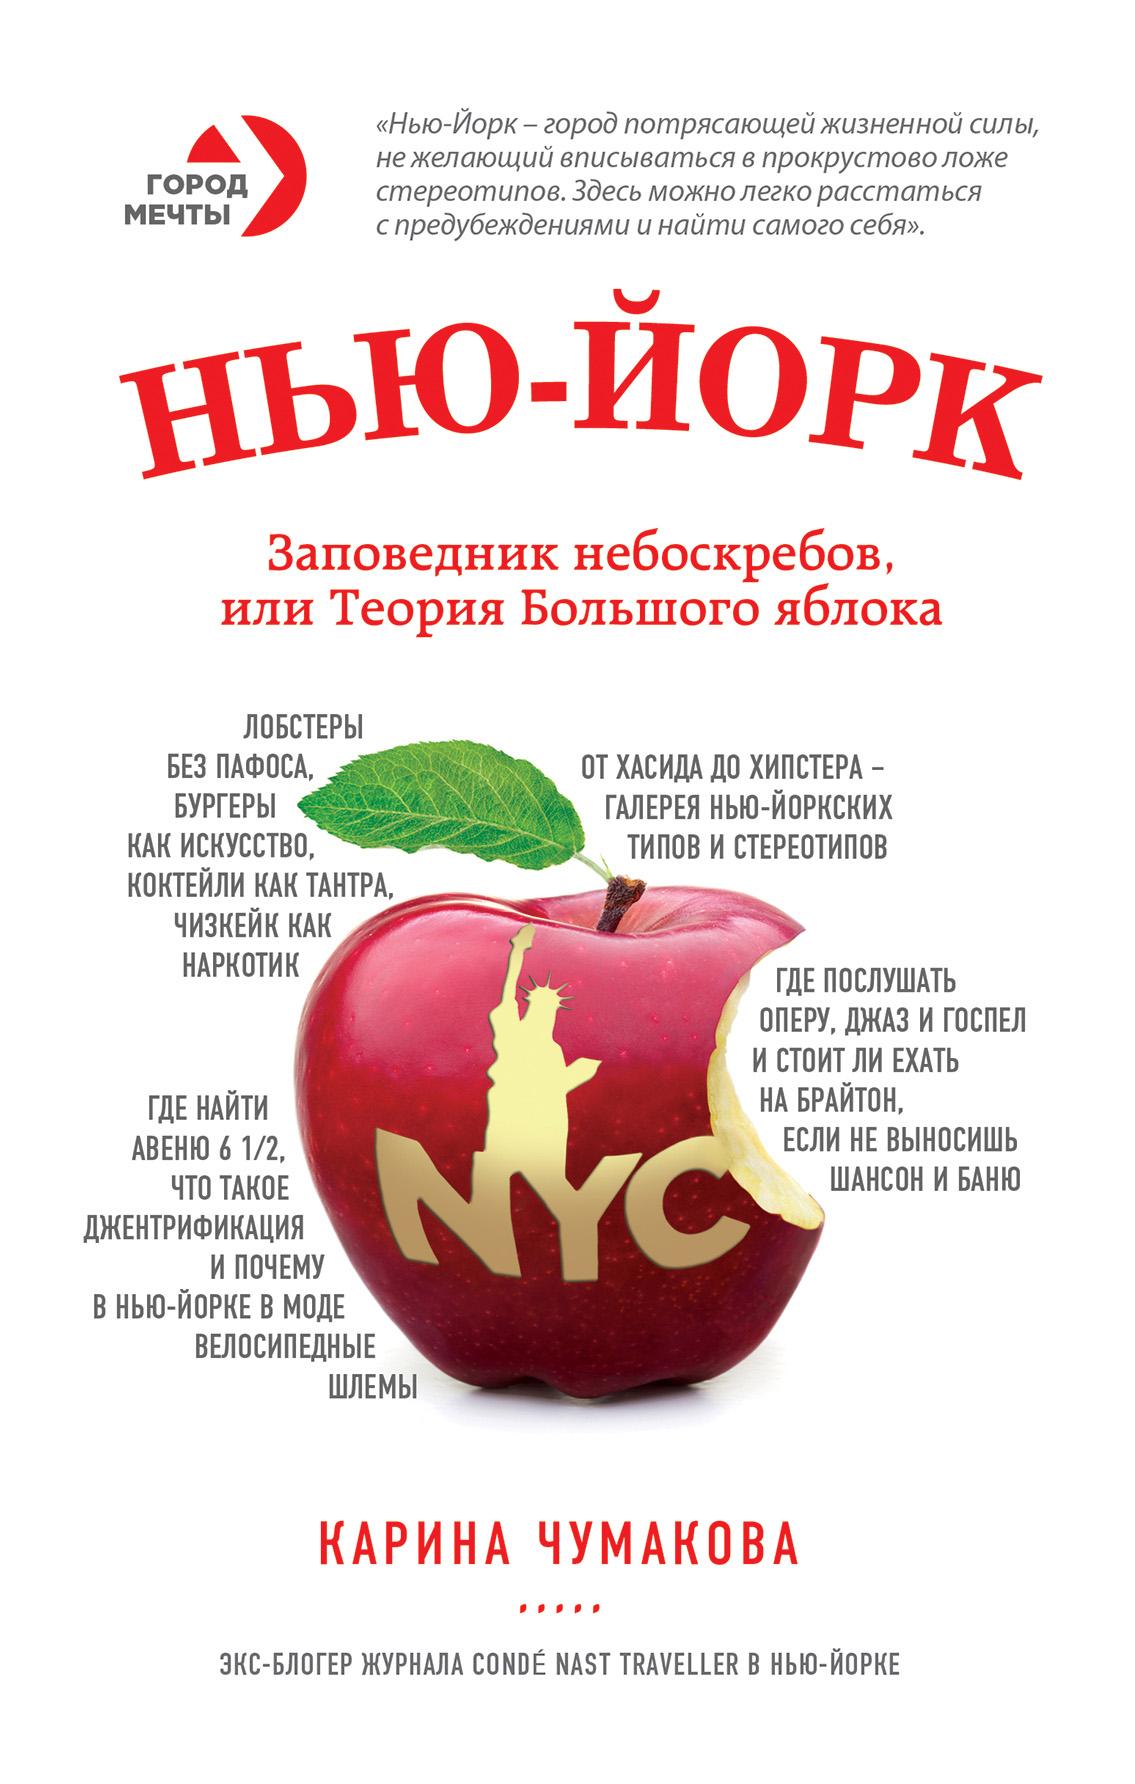 Нью-Йорк. Заповедник небоскребов, или Теория Большого яблока